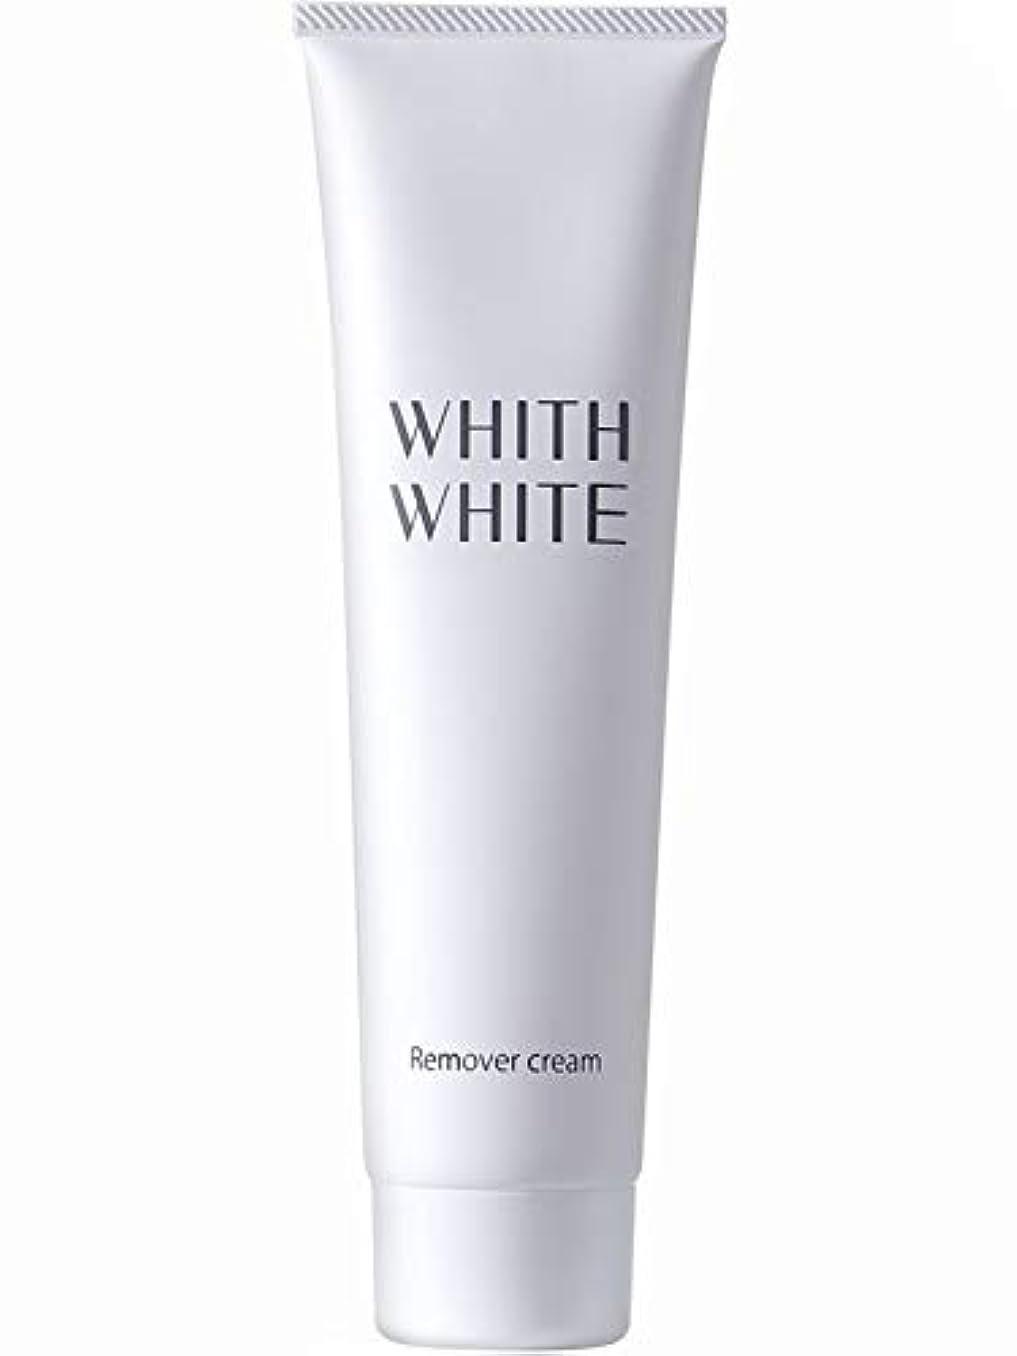 チョコレートかみそりキャンドル【医薬部外品】 WHITH WHITE(フィス ホワイト) 除毛クリーム 150g 陰部 使用可能